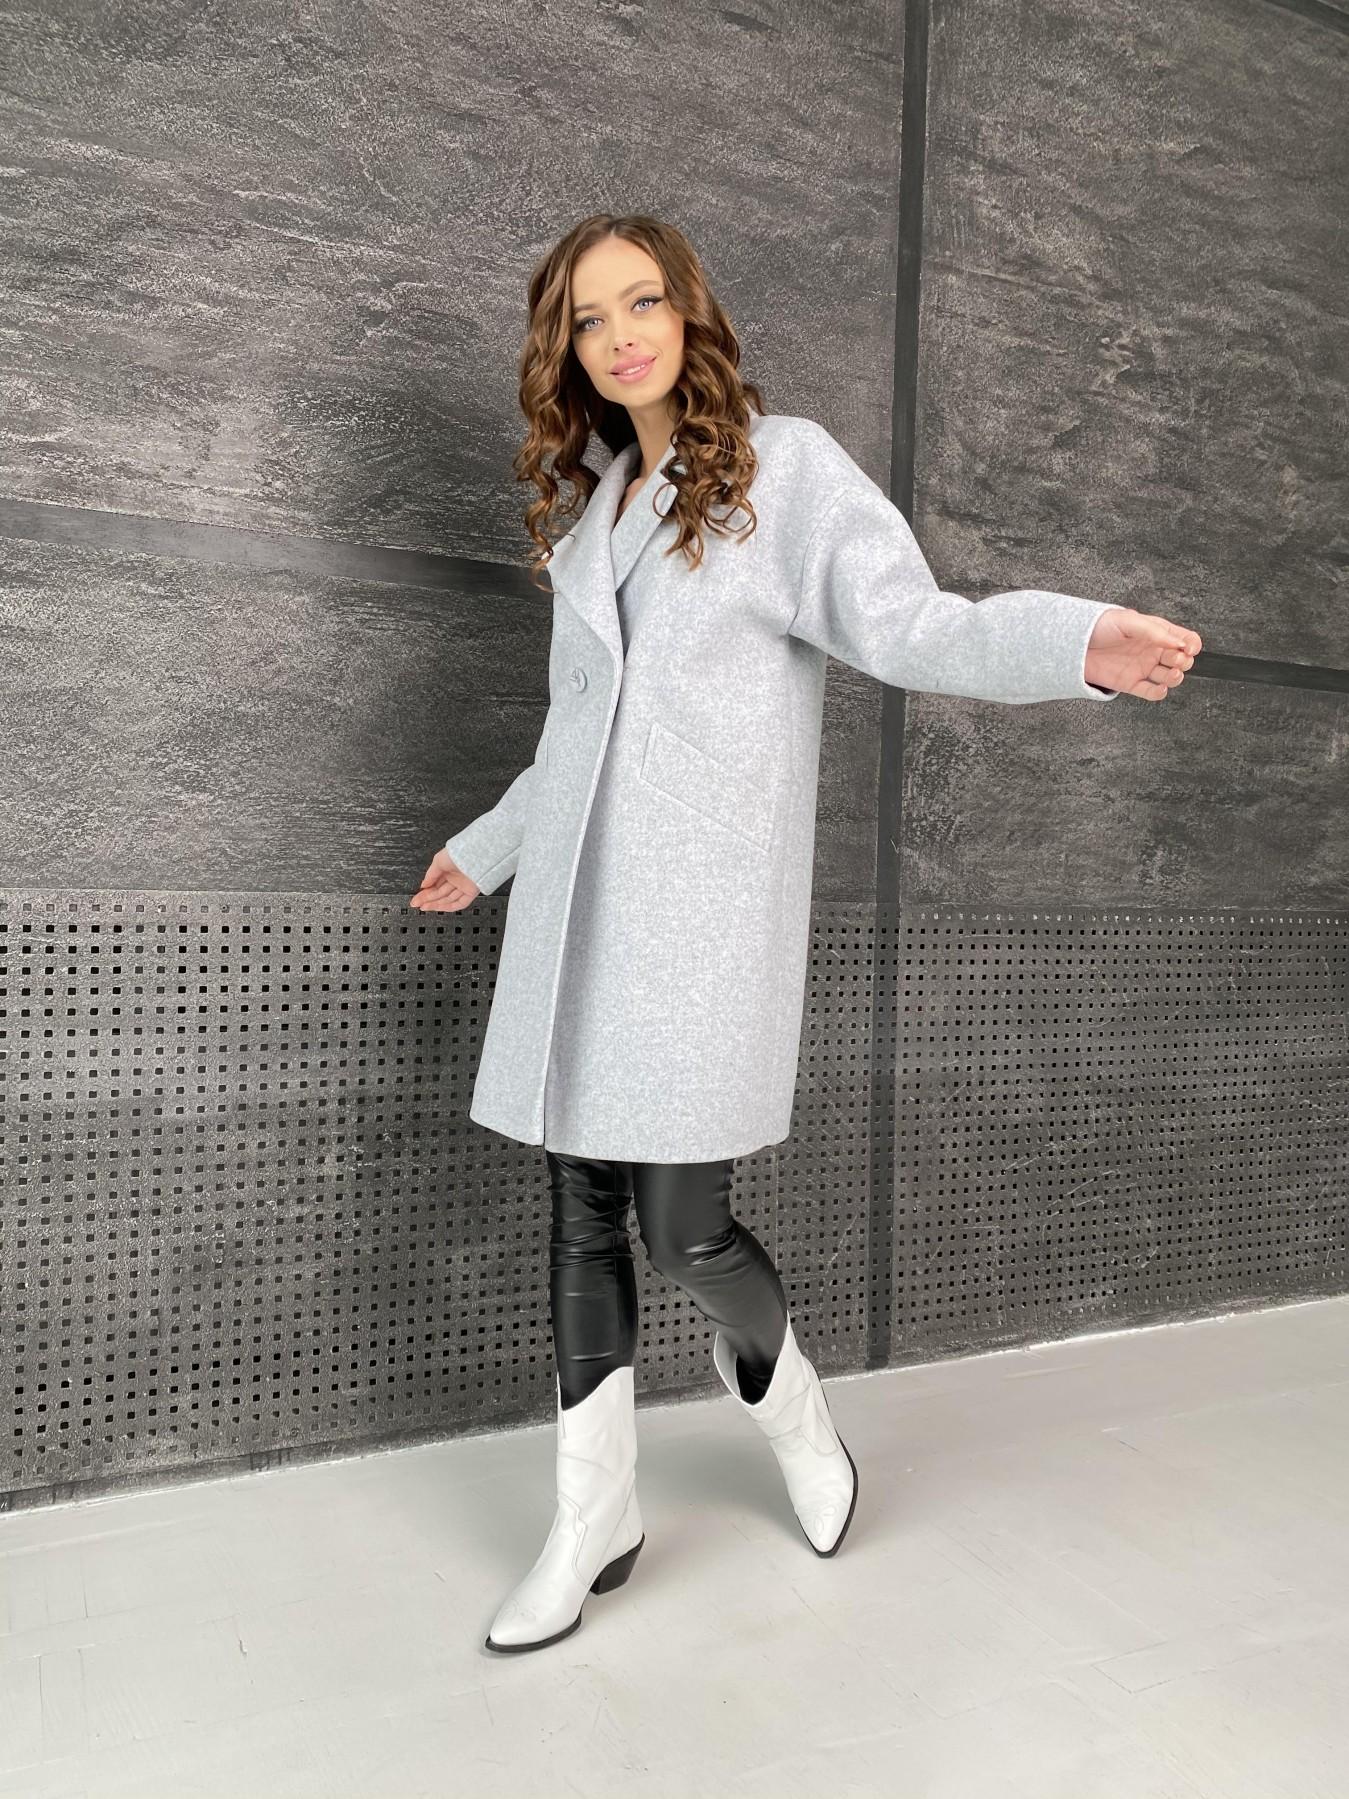 Сенсей пальто из кашемира меланж  10745 АРТ. 47223 Цвет: Серый Светлый 33 - фото 3, интернет магазин tm-modus.ru